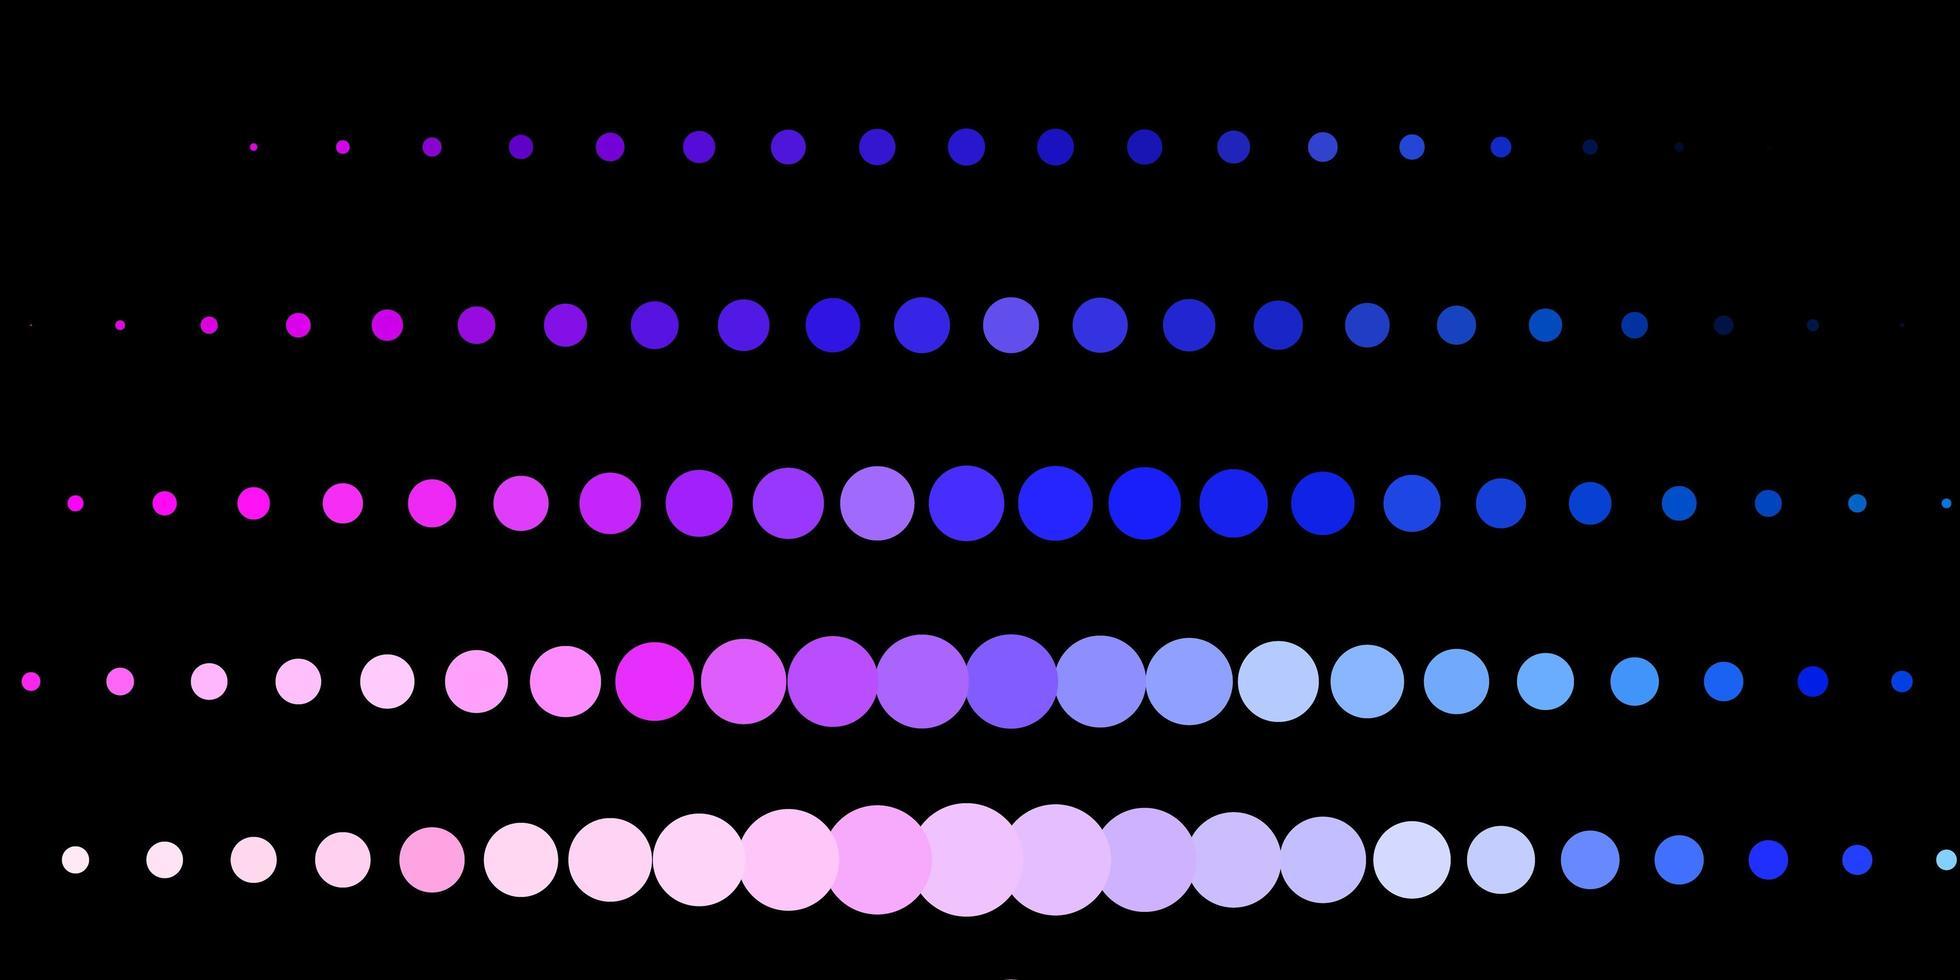 padrão de vetor rosa escuro, azul com esferas.